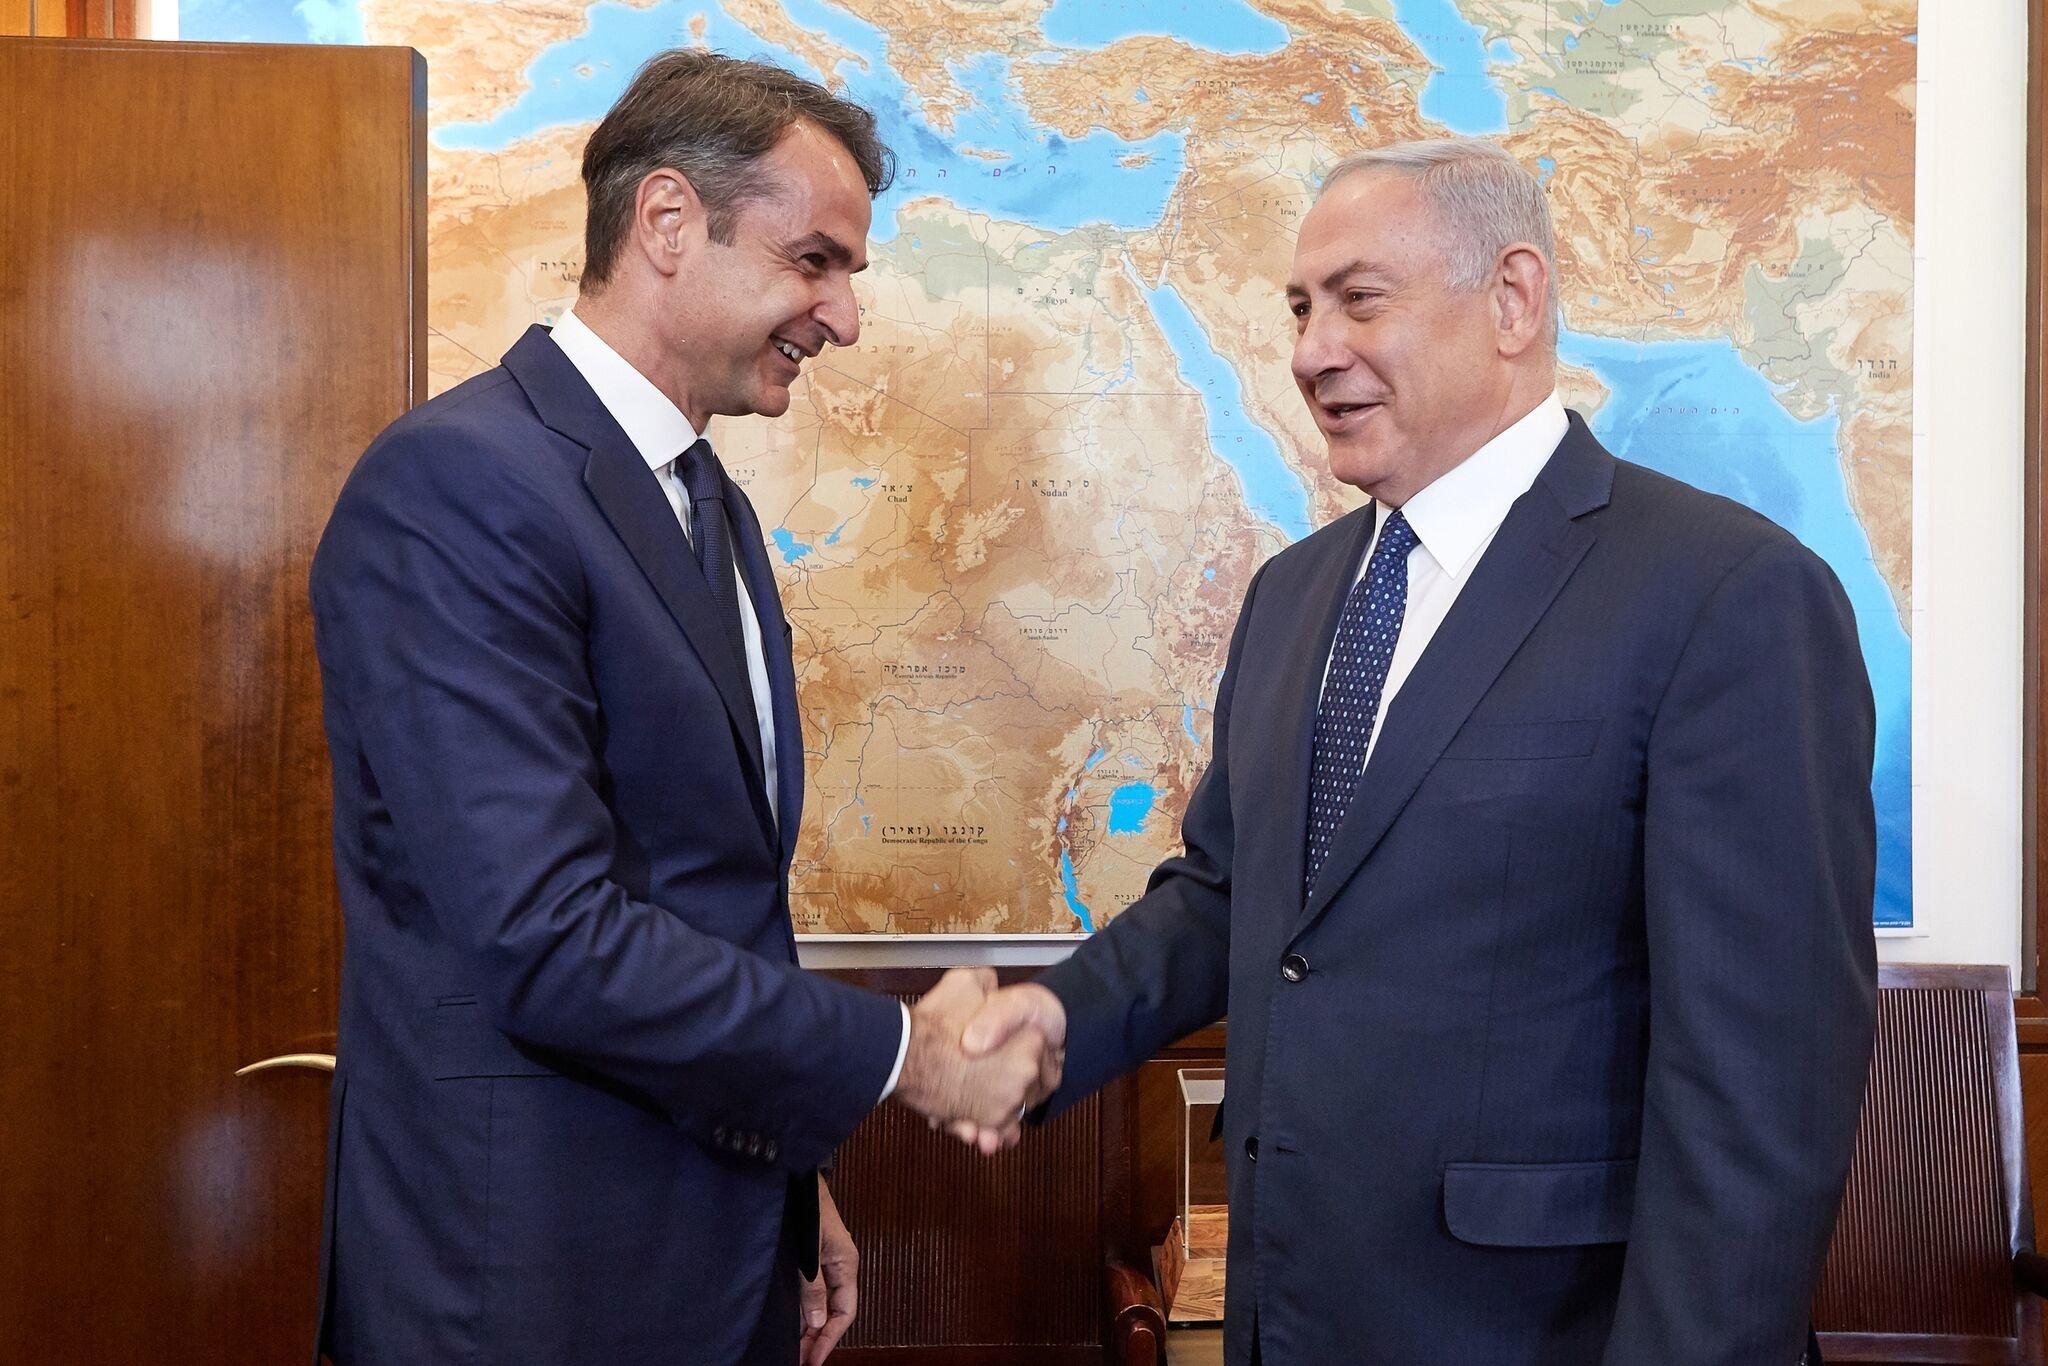 Για τη στρατηγική συνεργασία Ελλάδας-Ισραήλ συζήτησαν Μητσοτάκης και Νετανιάχου κατά τη συνάντησή